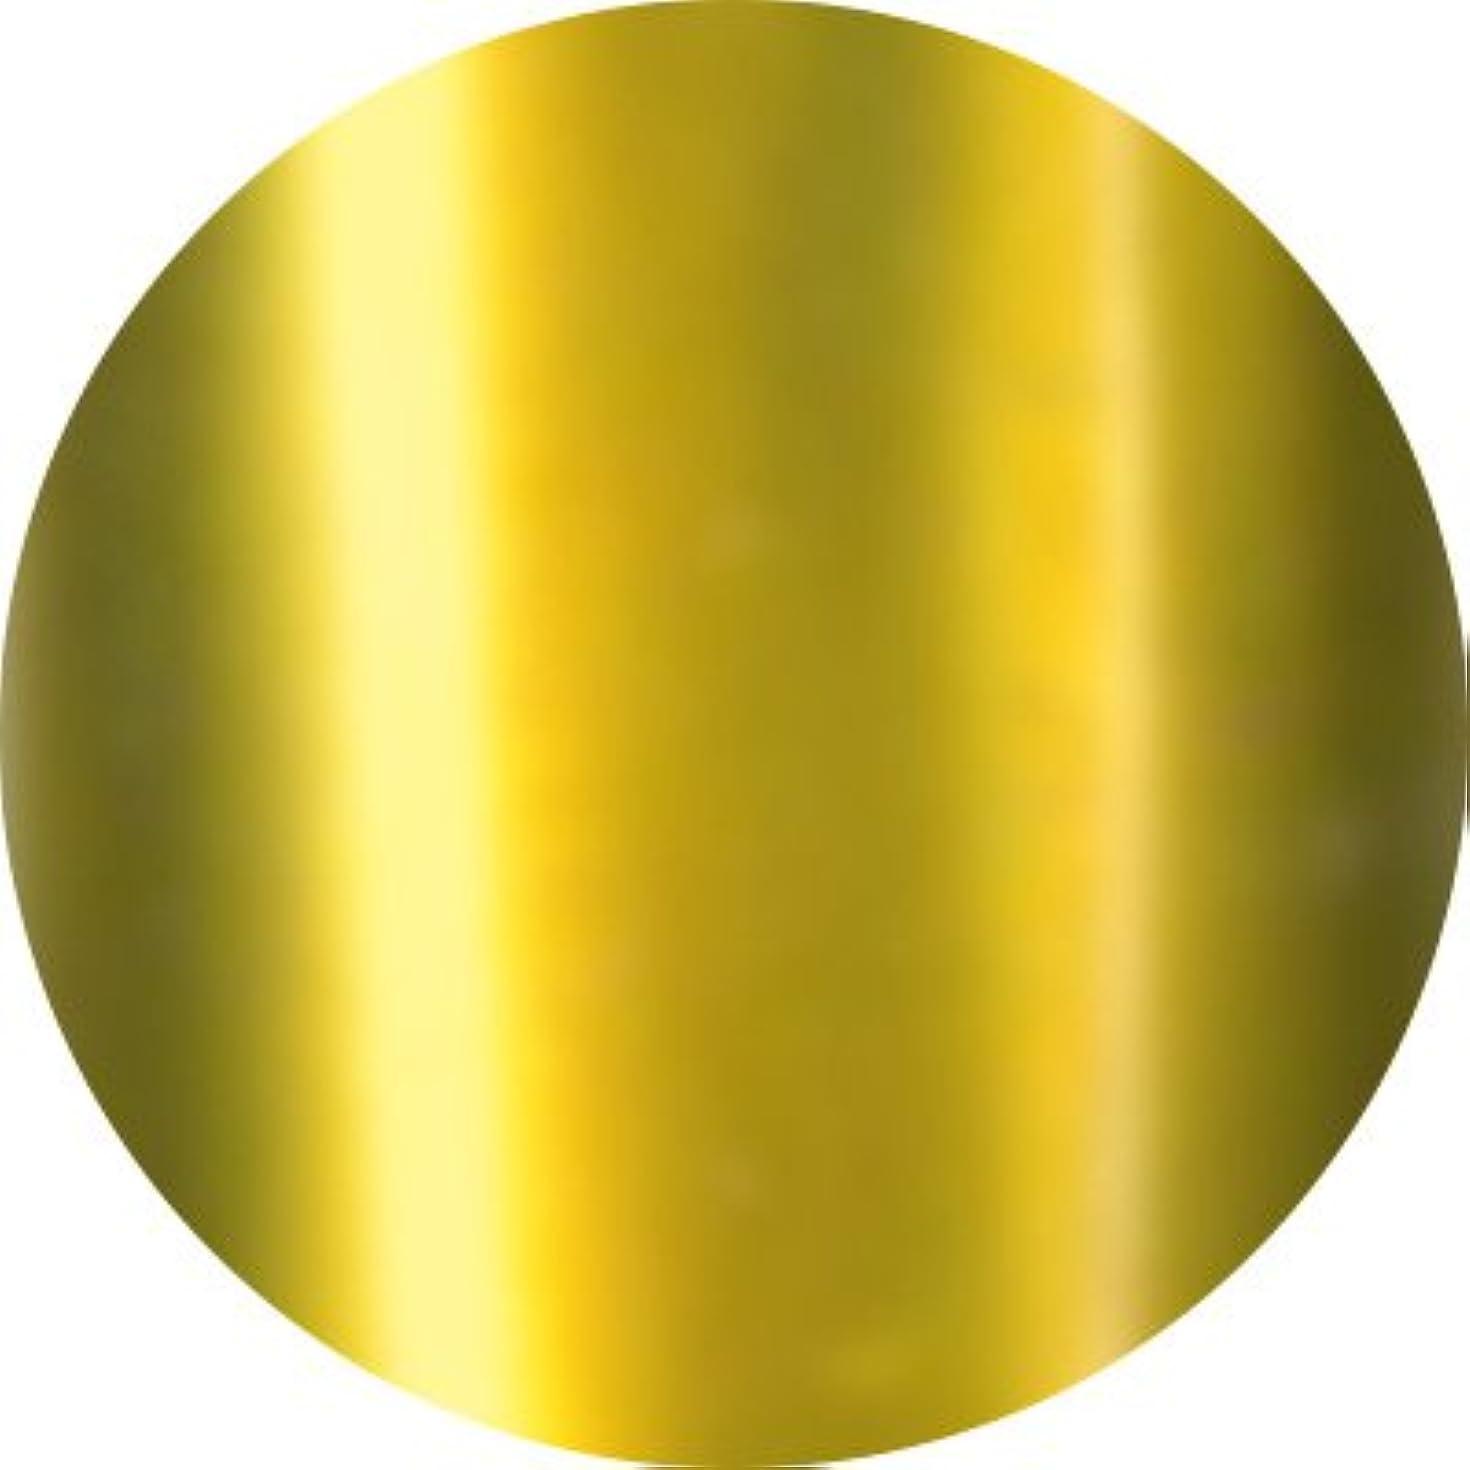 ブラウス現象約設定Jewelry jel(ジュエリージェル) カラージェル 5ml<BR>ピッカピカメタリック MKゴールド